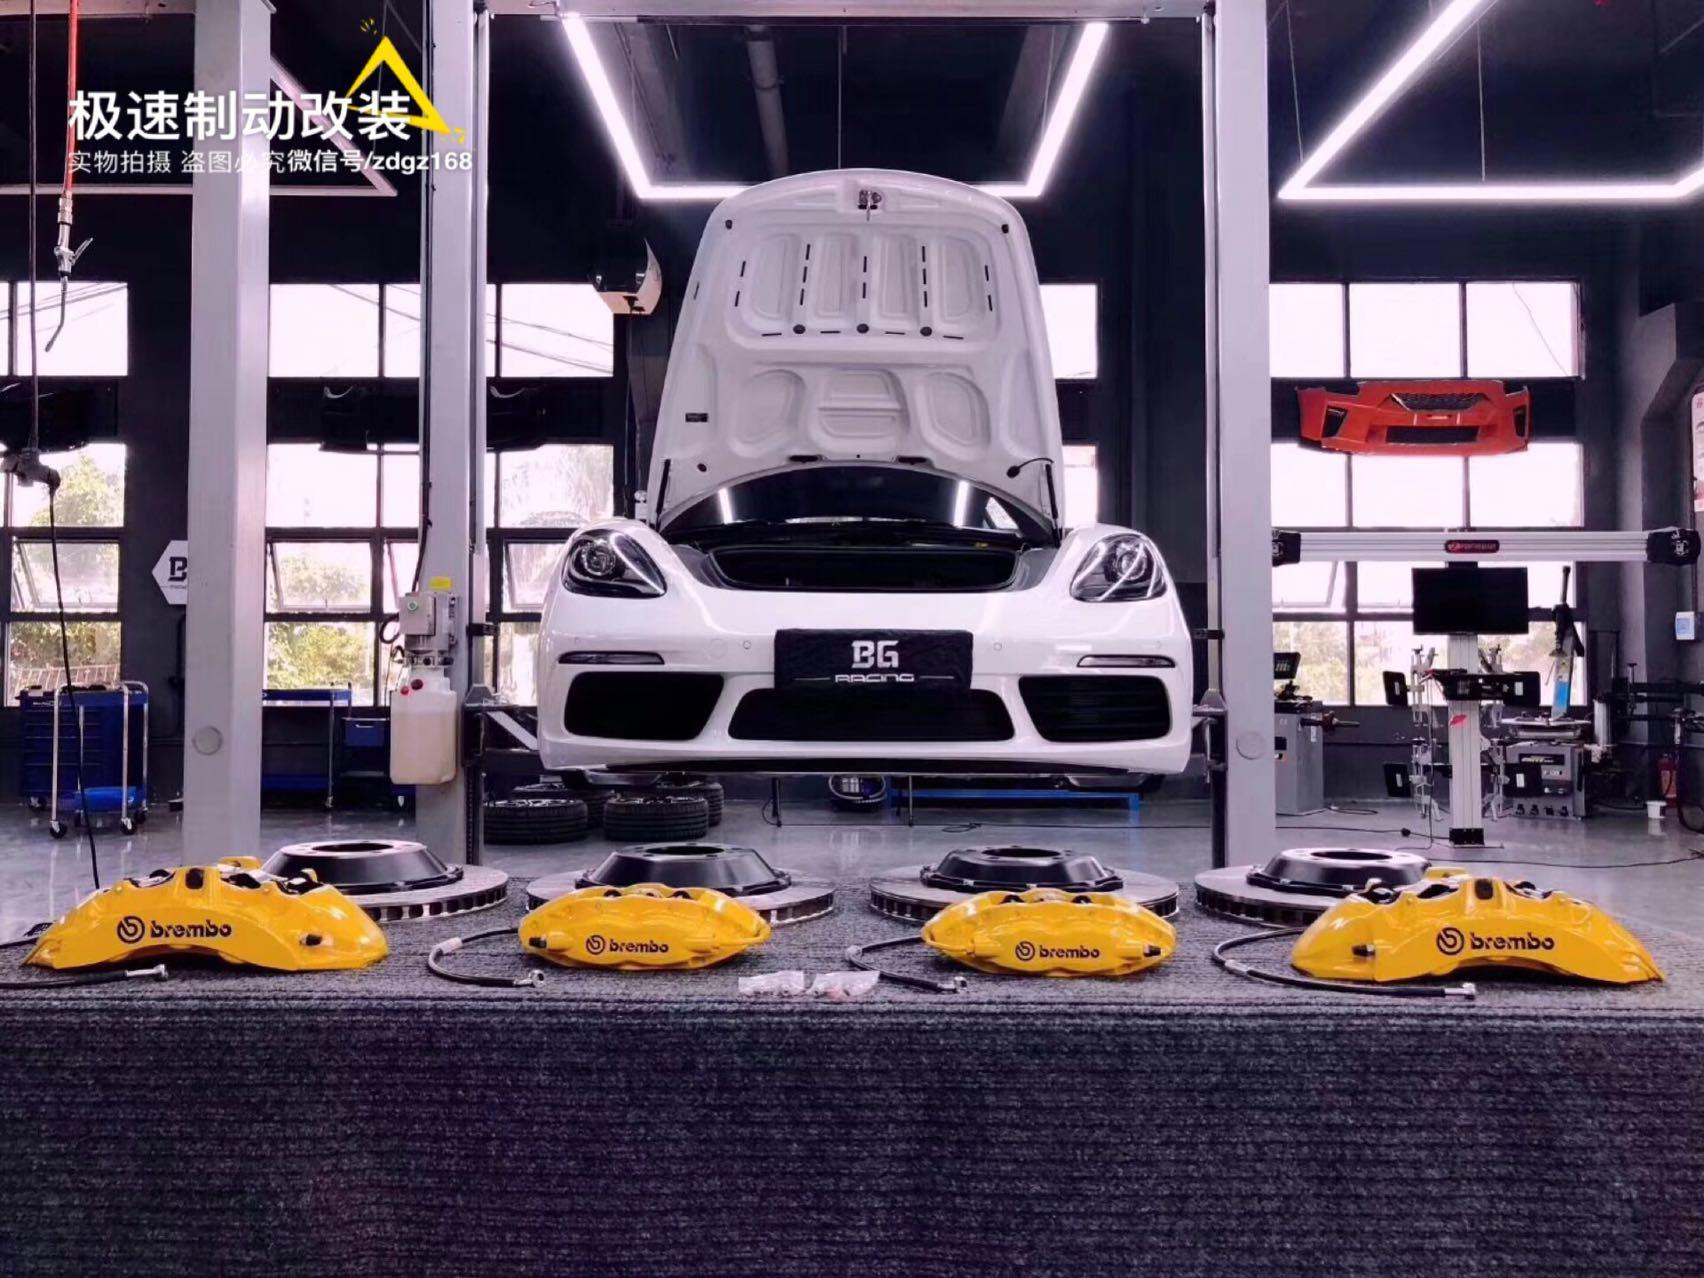 保时捷718刹车升级Brembo前六后四刹车卡钳套件,效果提升明显!